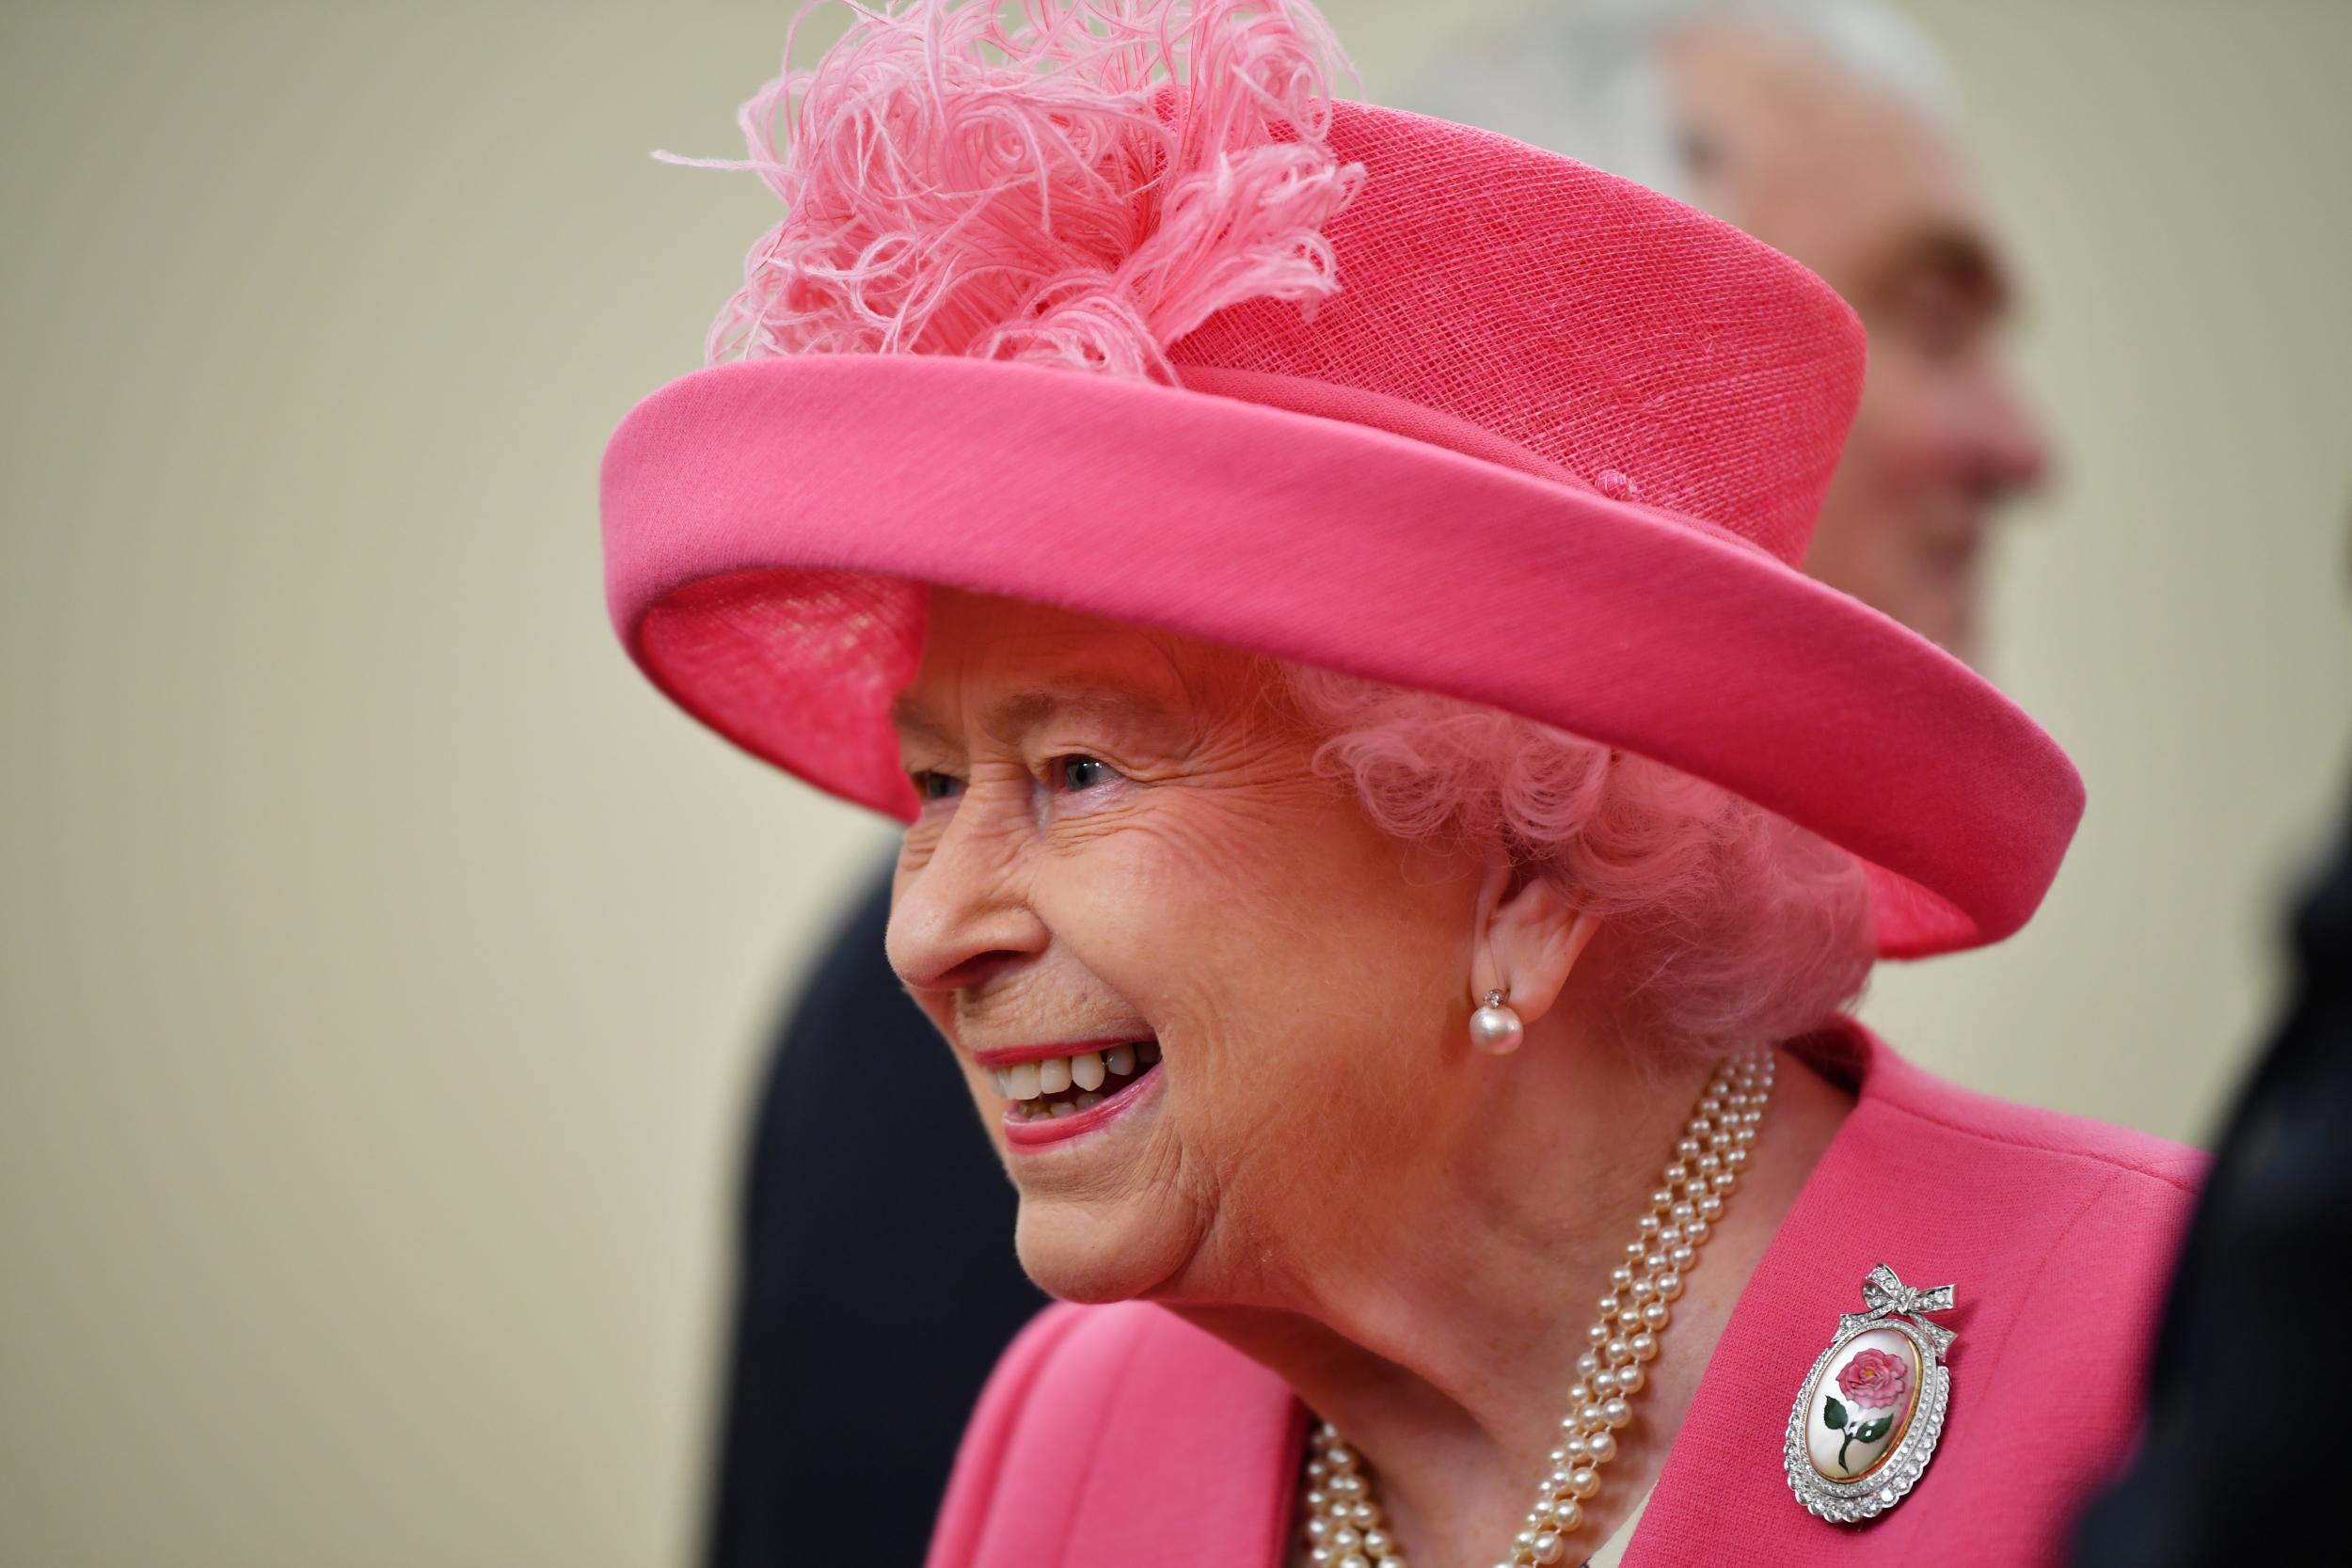 Queen Elizabeth II is Hiring, Looking for 'Engaging ...